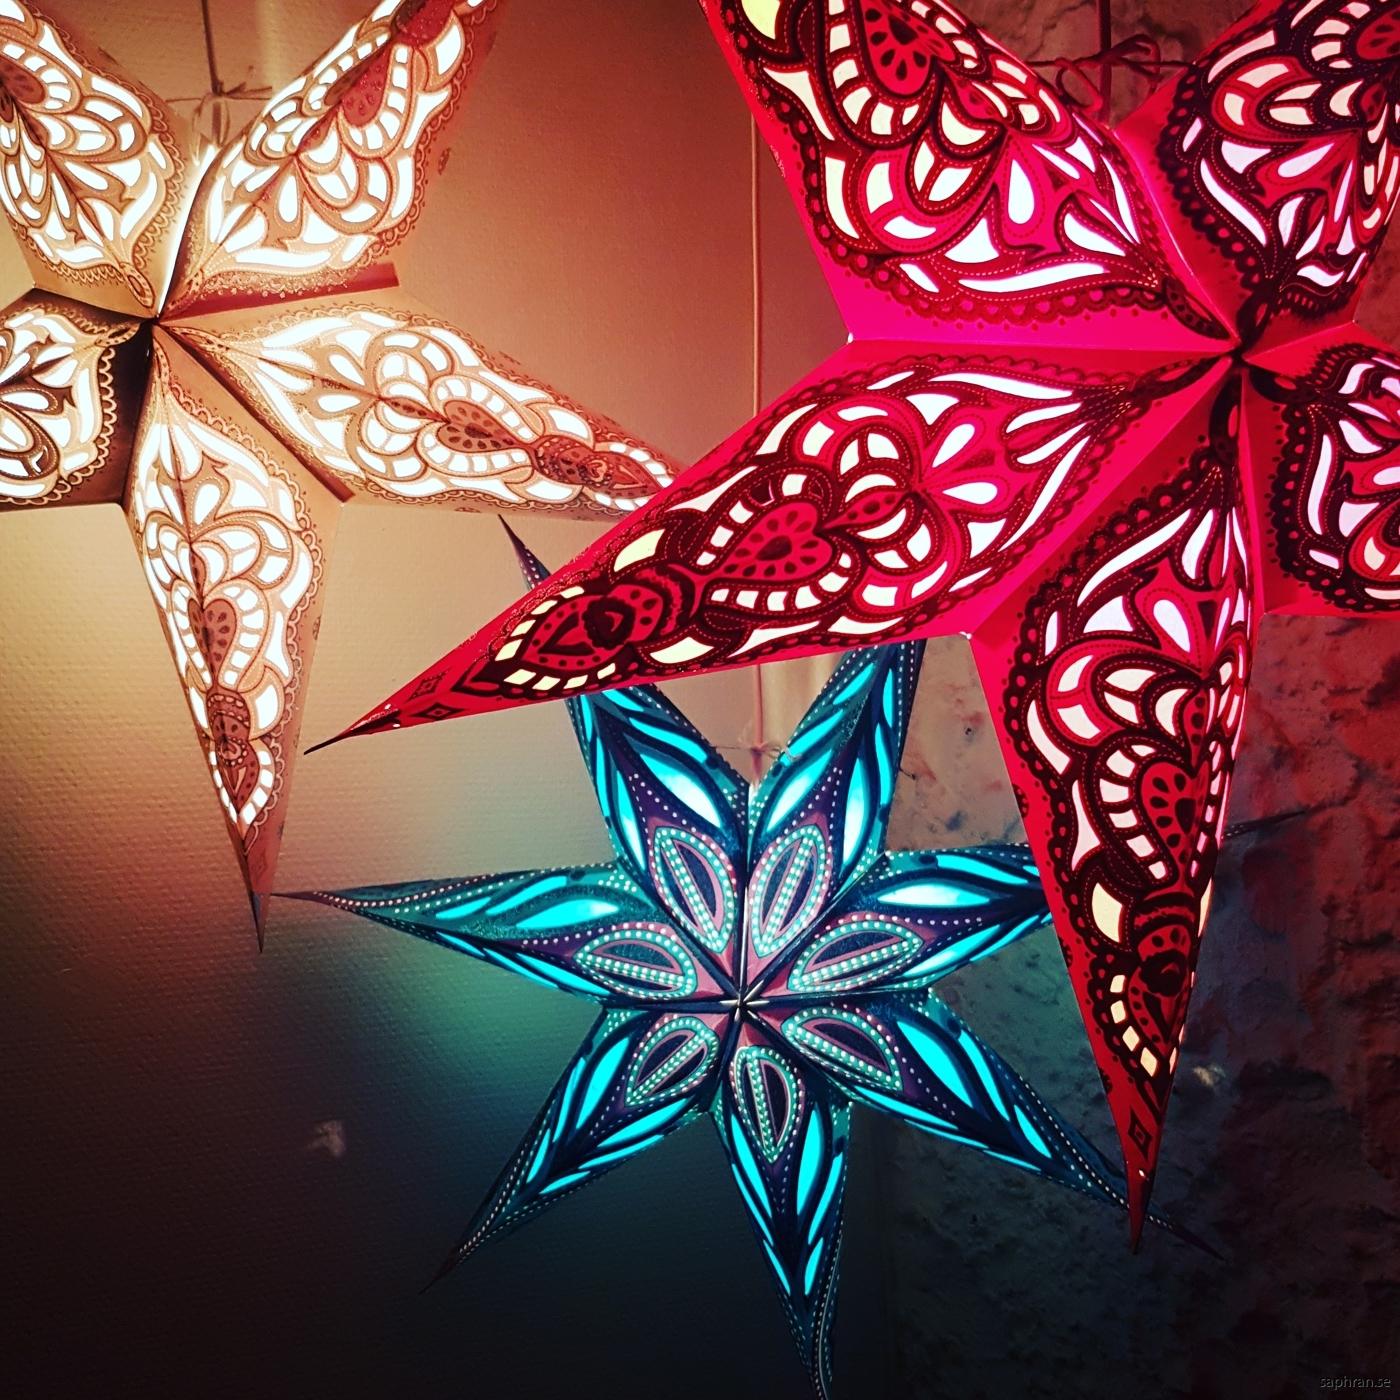 Julsjtärnor från Saphran